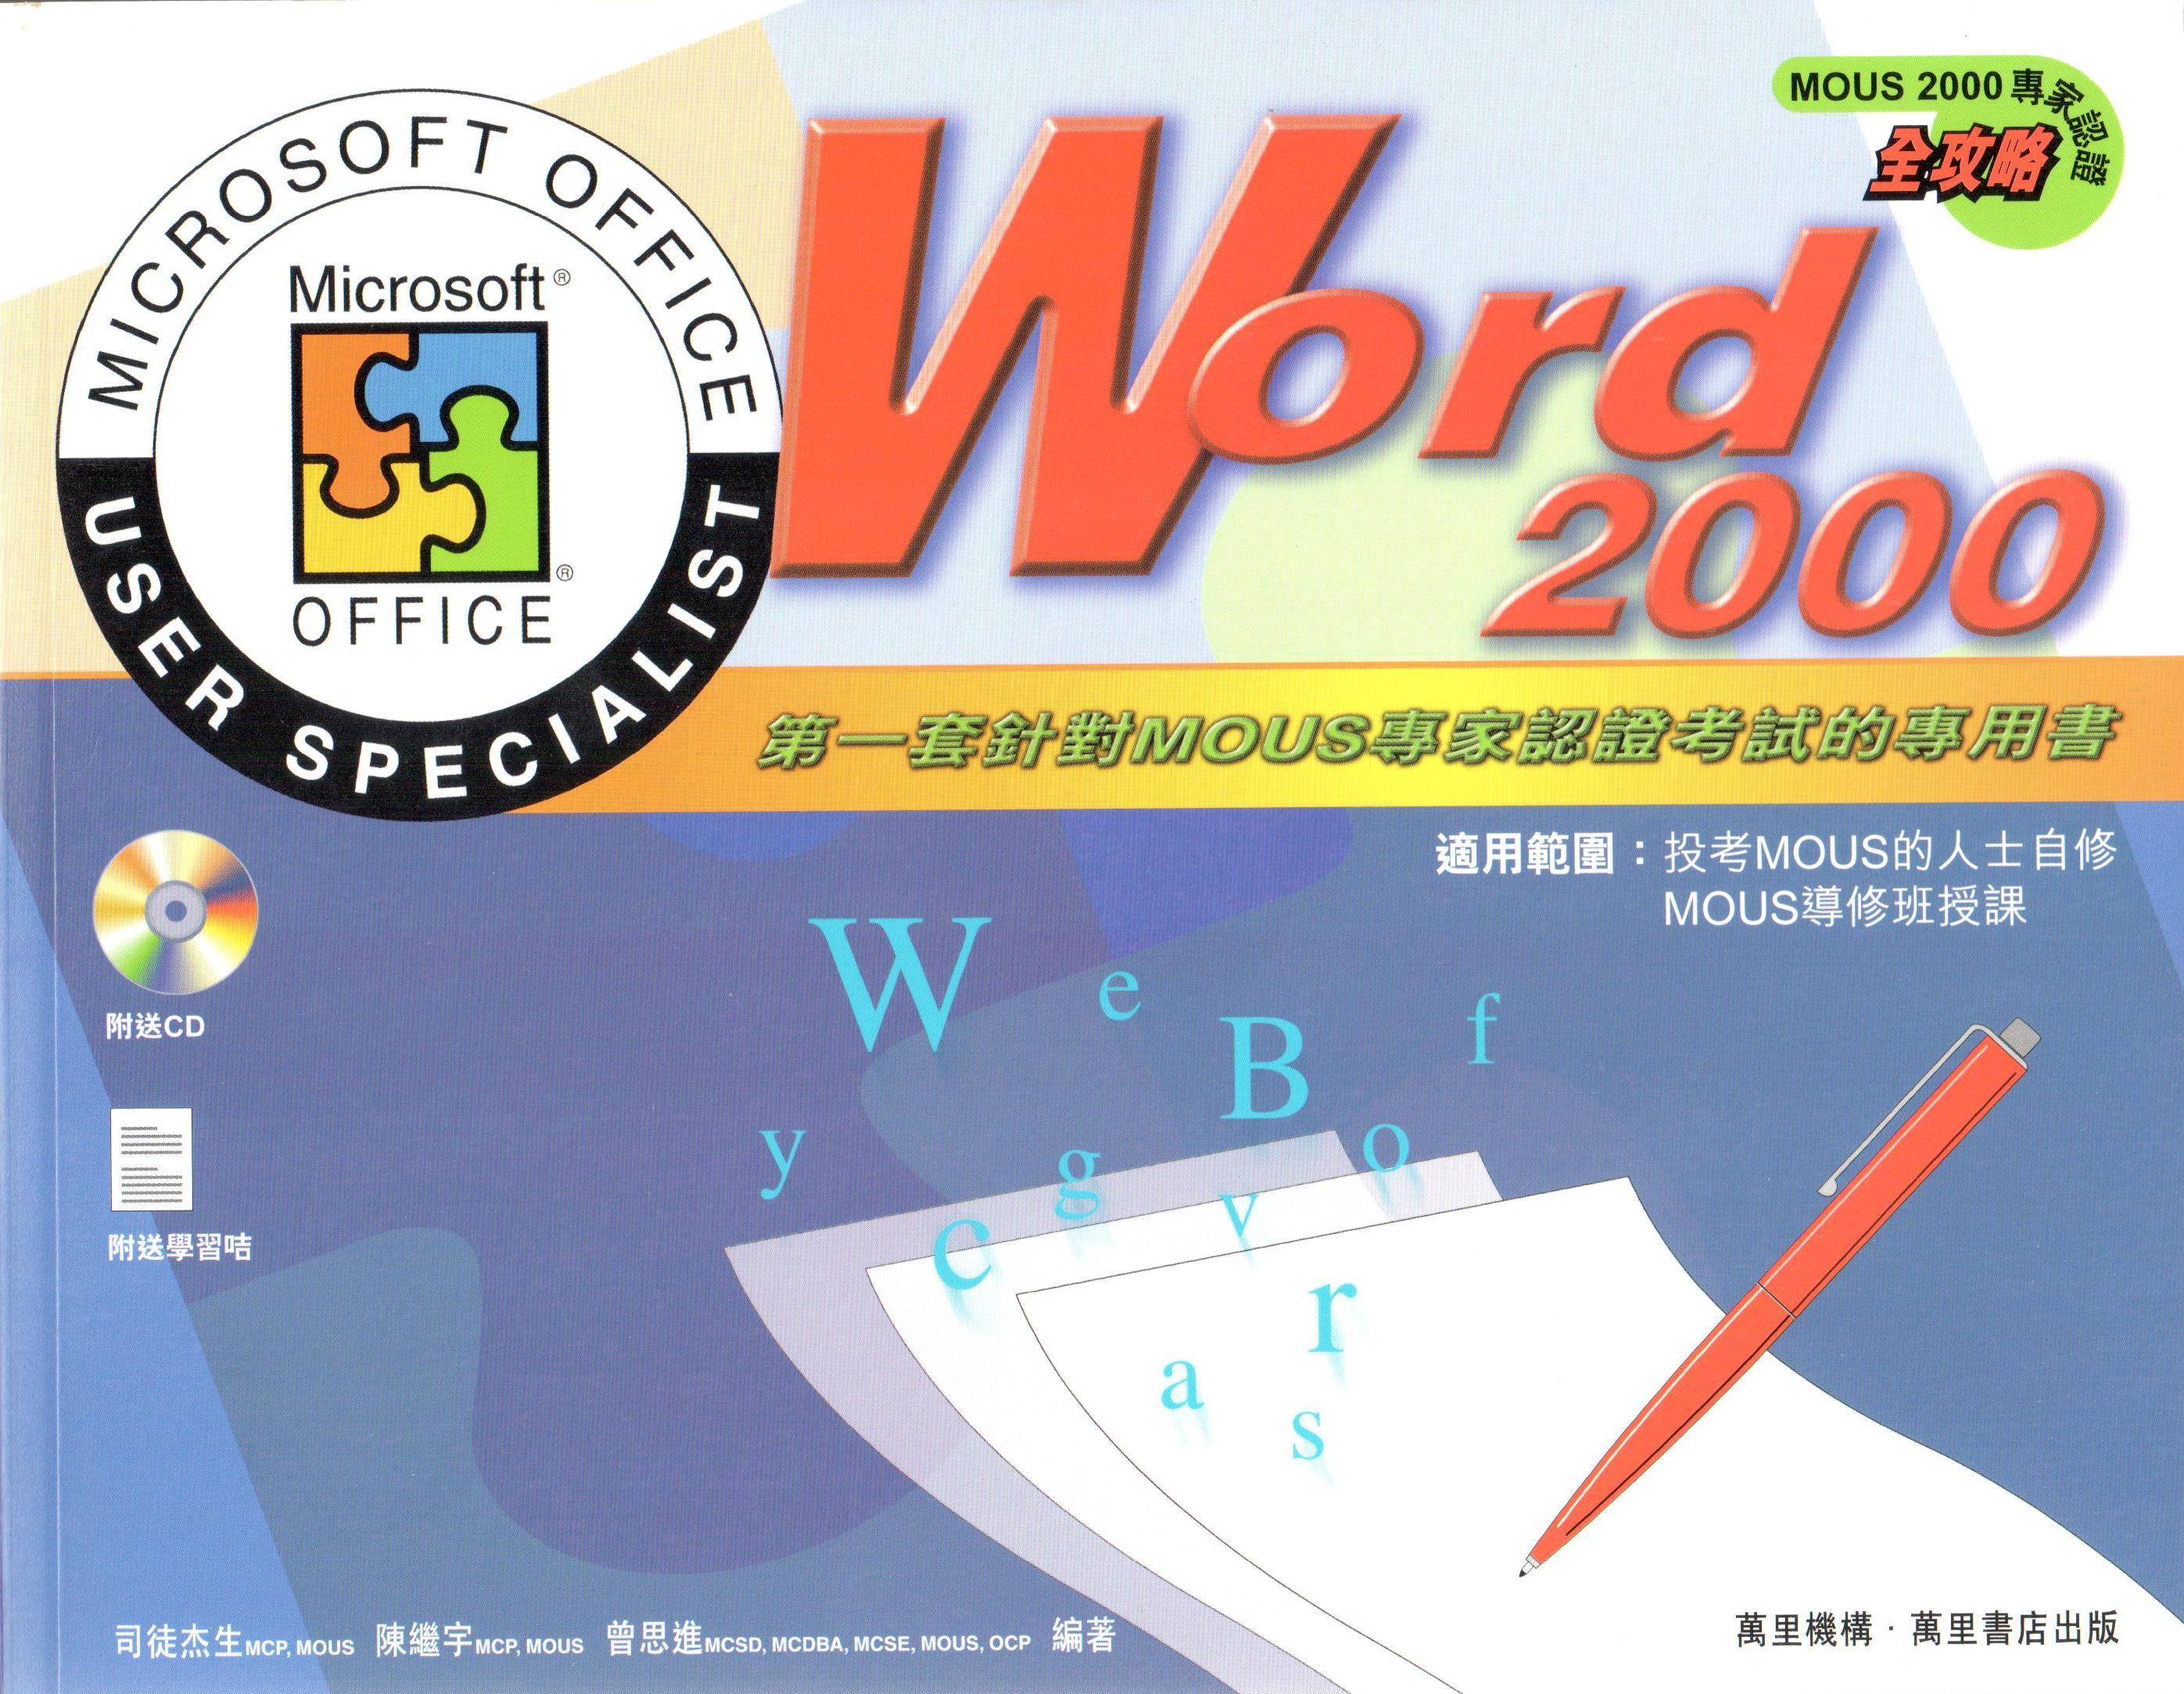 Word 2000 微軟辦公室專家認證全攻略